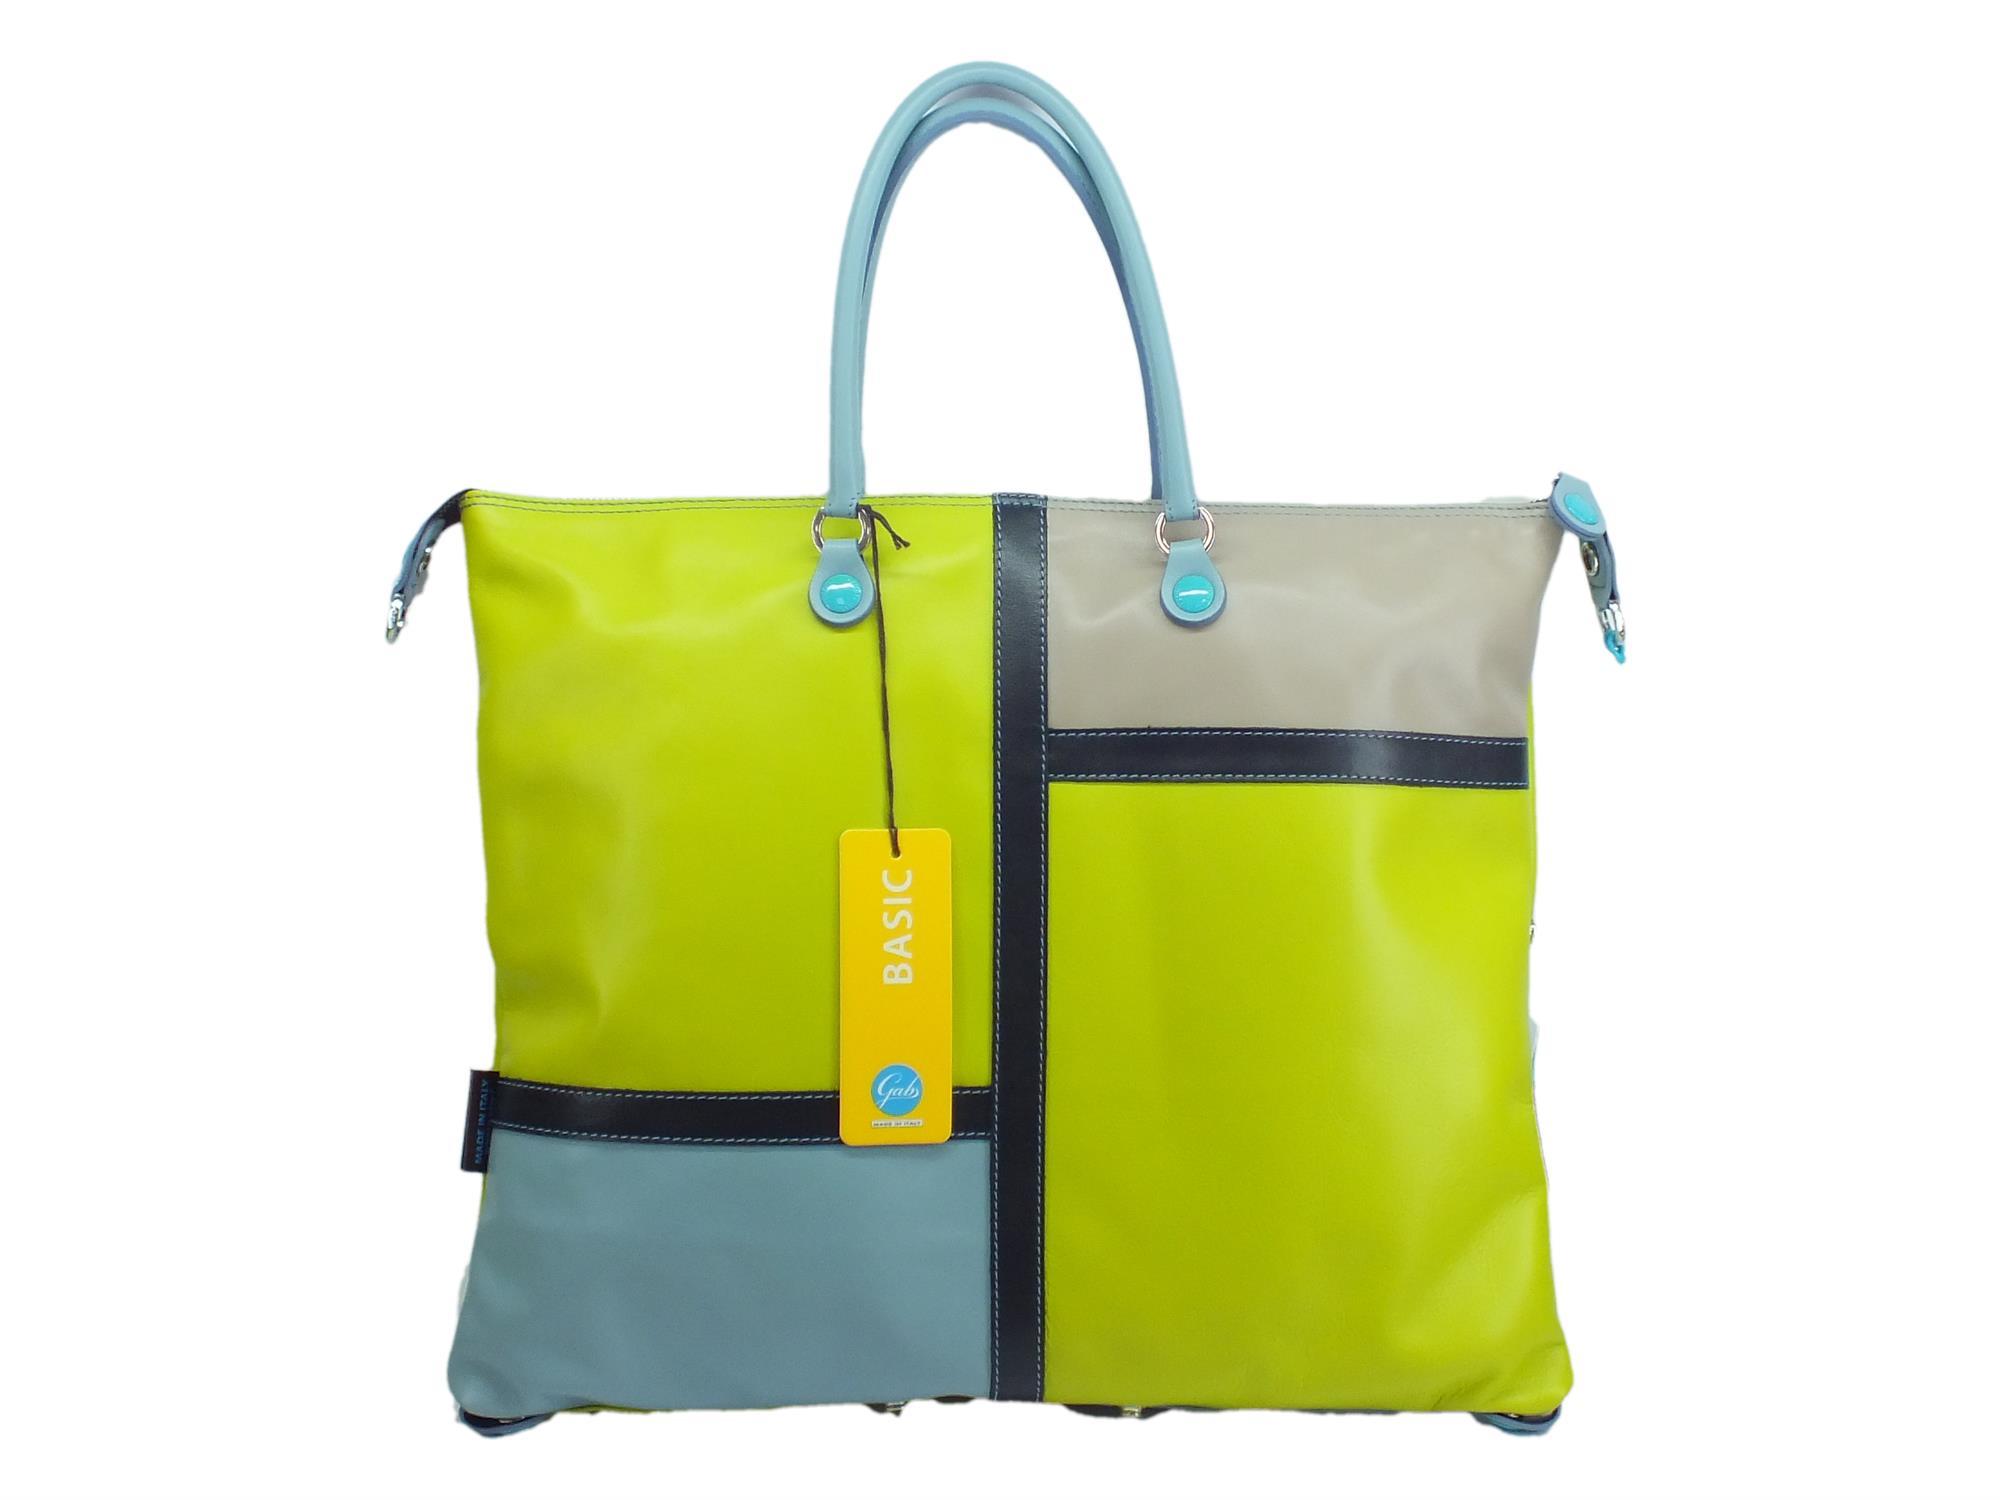 Gabs G3 L Zodiaco Toto borsa con manici e tracollina in pelle taglia large